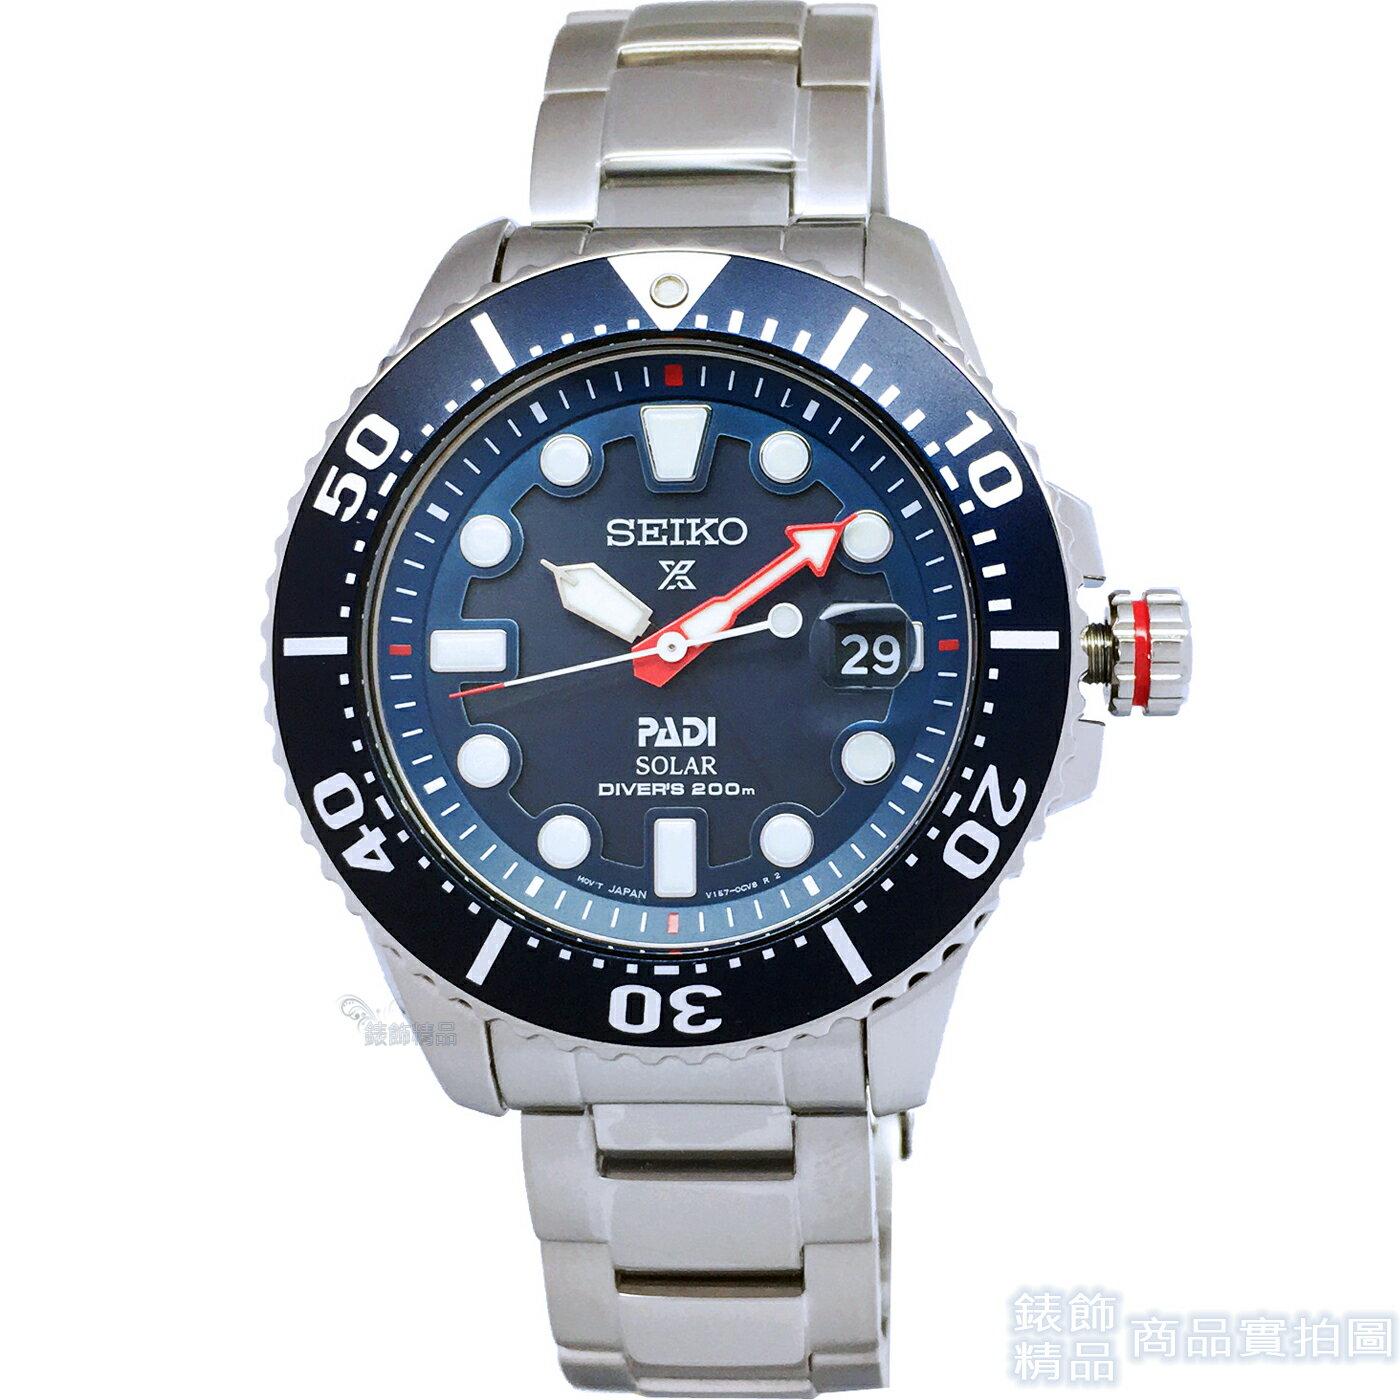 【錶飾精品】SEIKO 腕錶 SNE435P1 精工表PROSPEX環保太陽能PADI專業潛水 男錶 藍 200M夜光日期